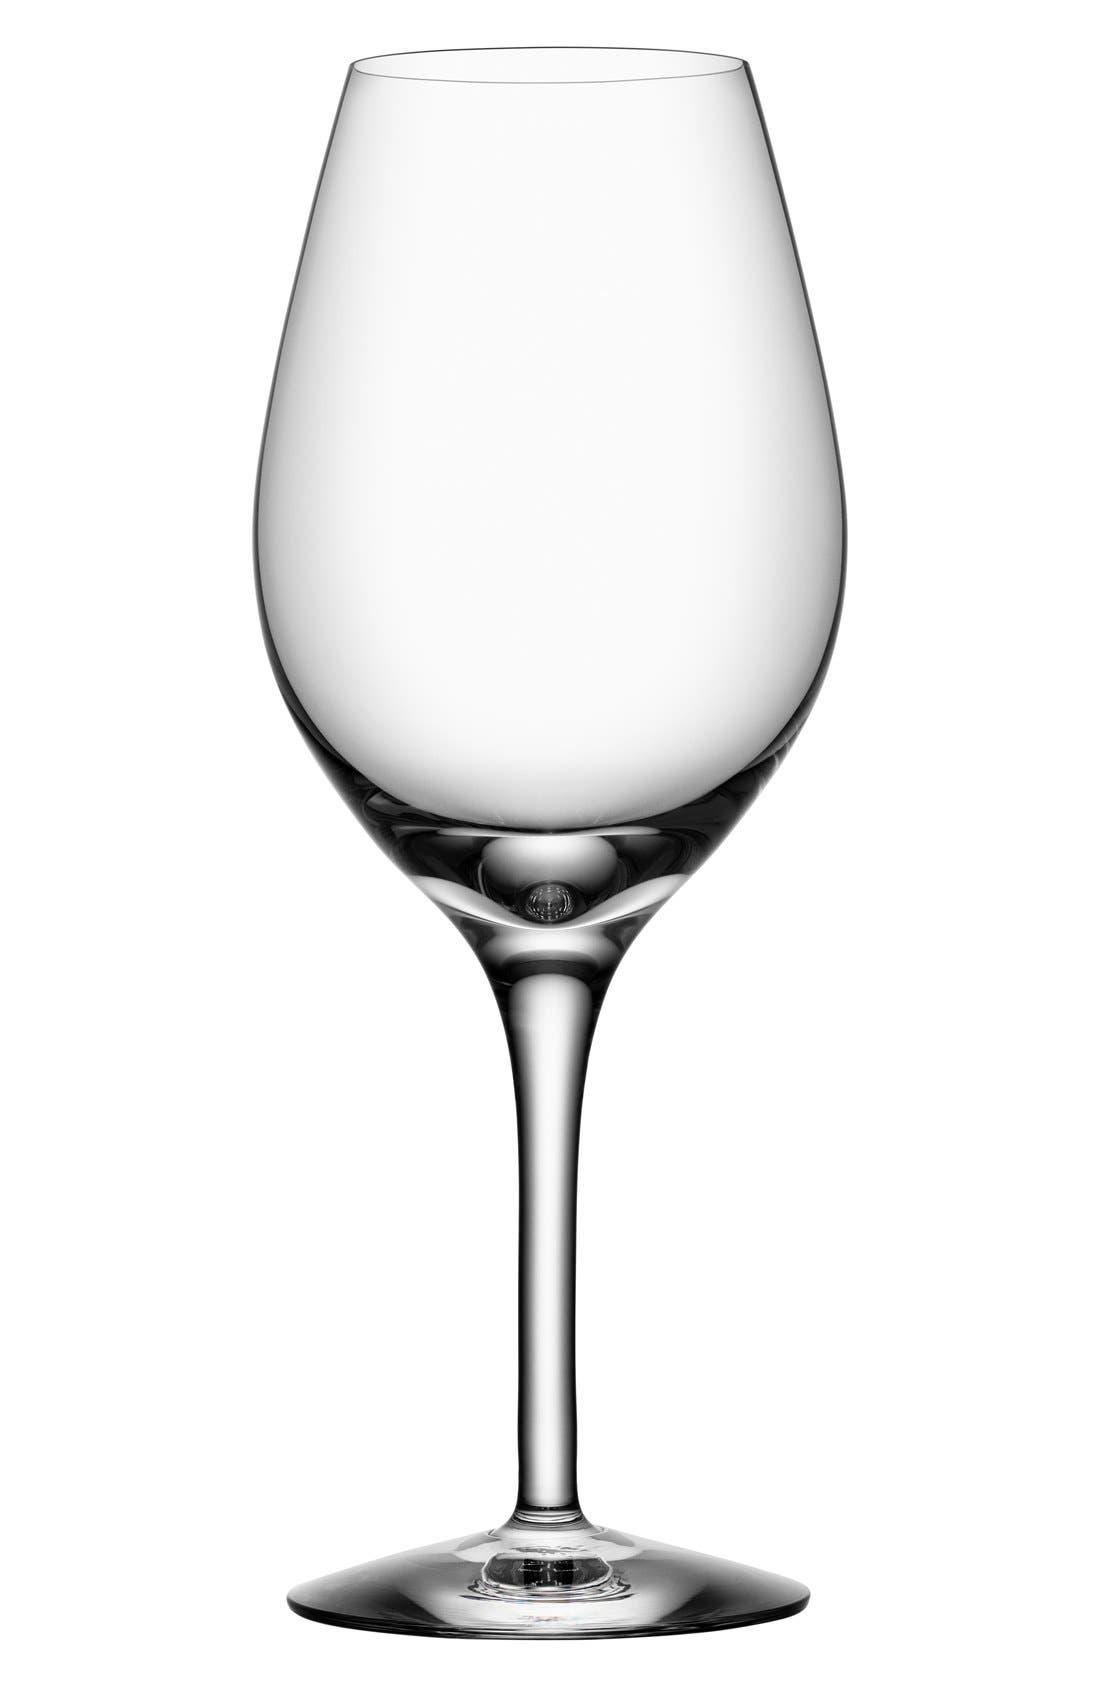 Orrefors 'More' Wine Glasses (Set of 4)